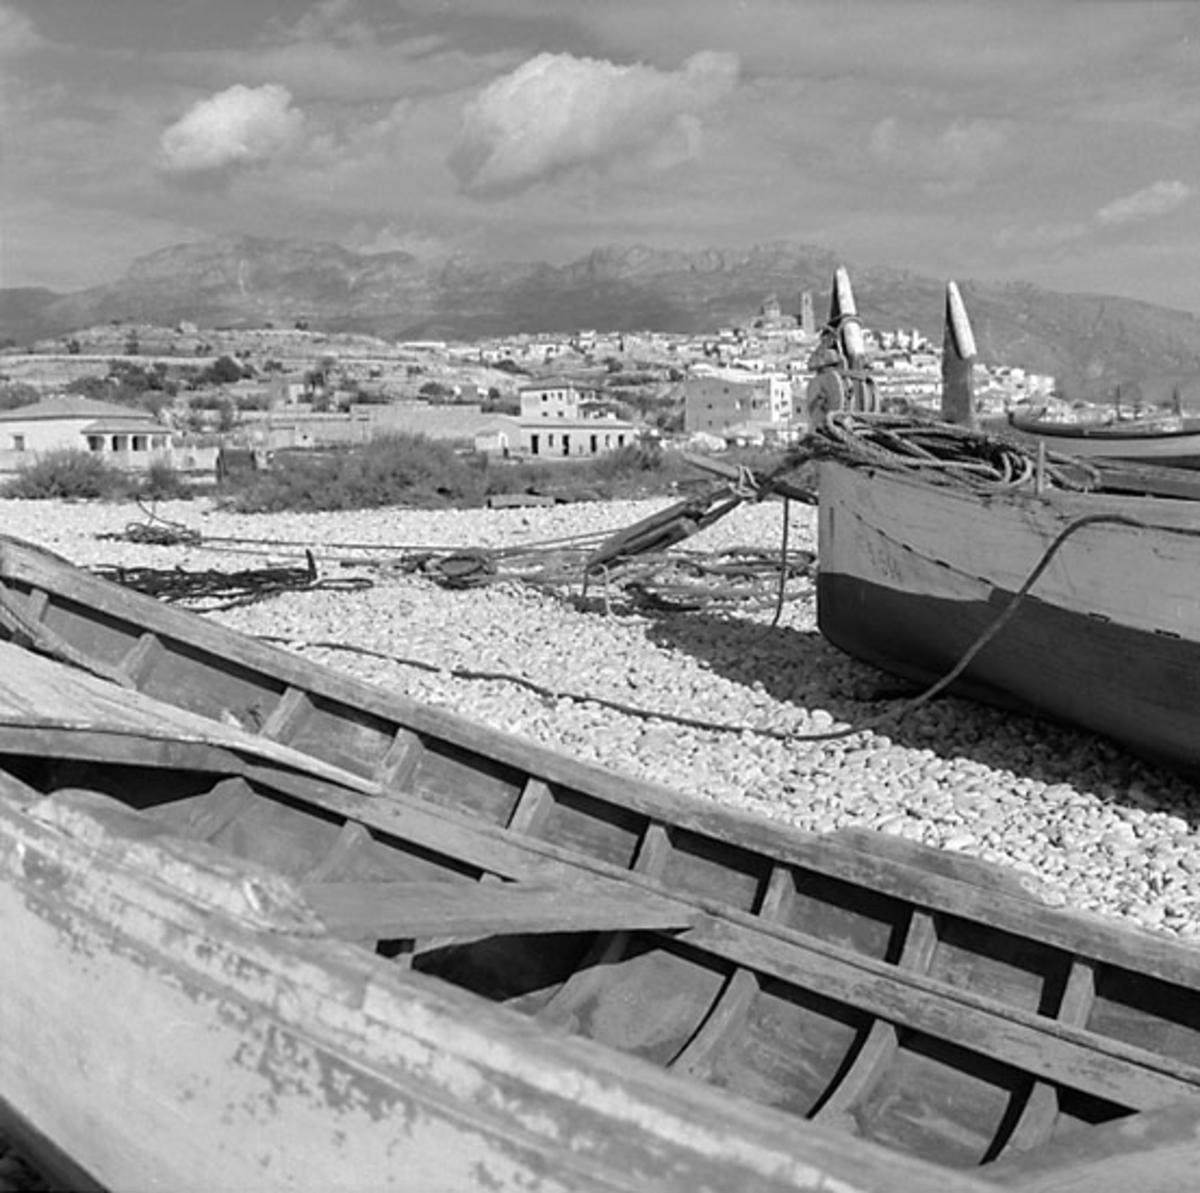 38. Spanien. Fotojournal finns på B.M.A. + fotoalbum. Samtidigt förvärv: Böcker och arkivmaterial. Foton tagna 1959-11-11. 12 Bilder i serie.